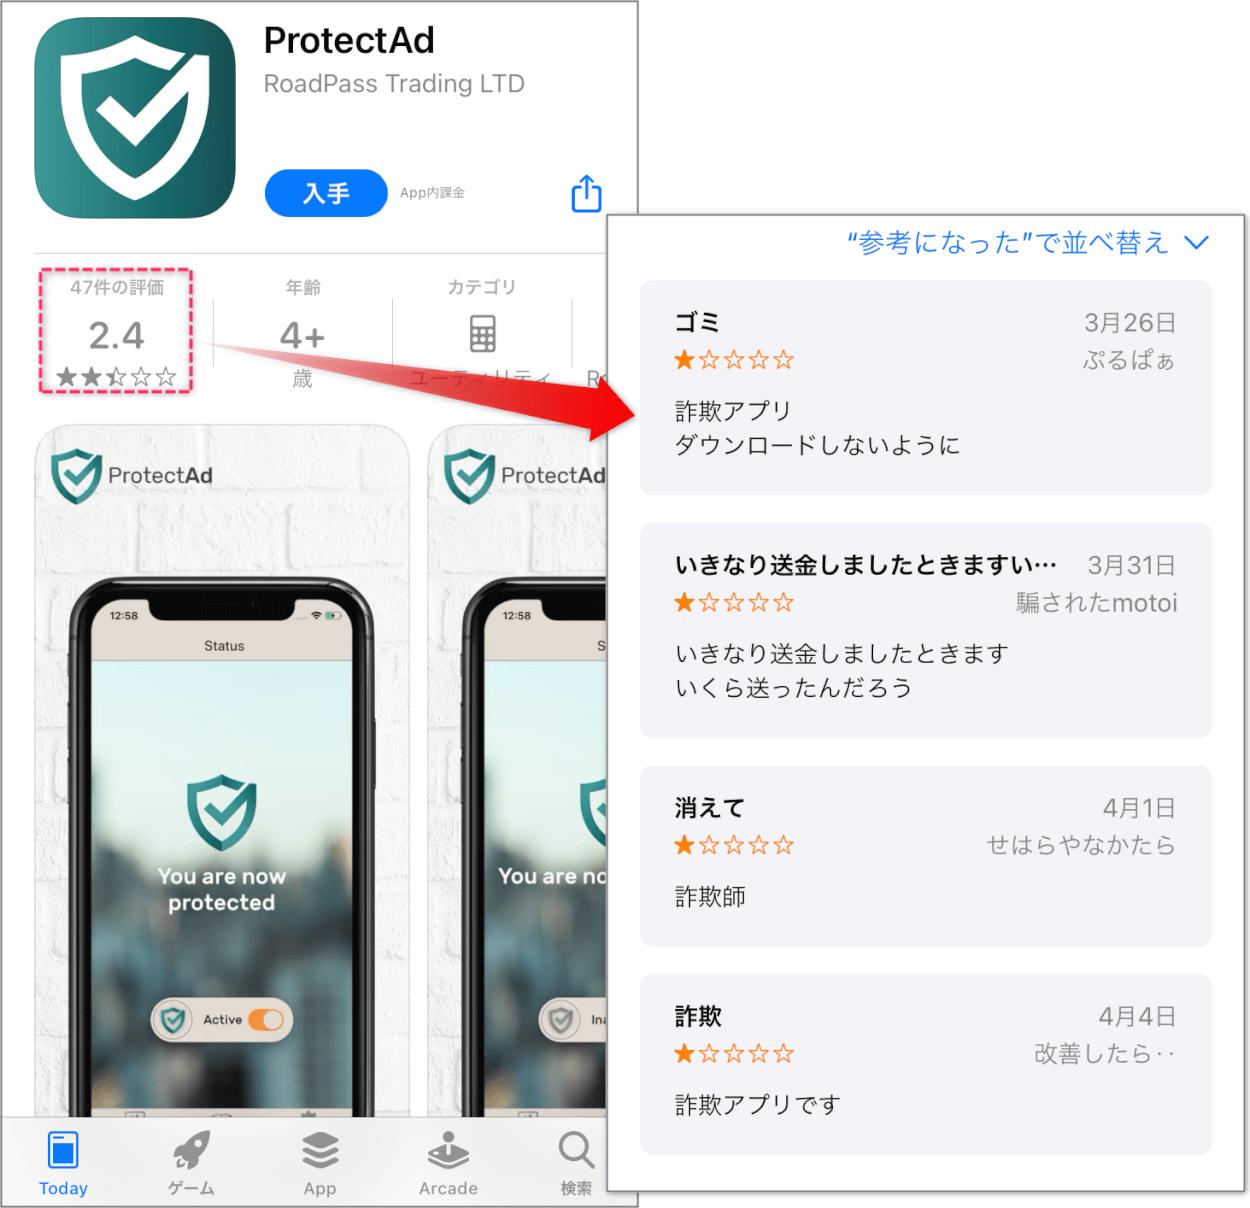 不要アプリ「PtotectAd」の批判レビュー